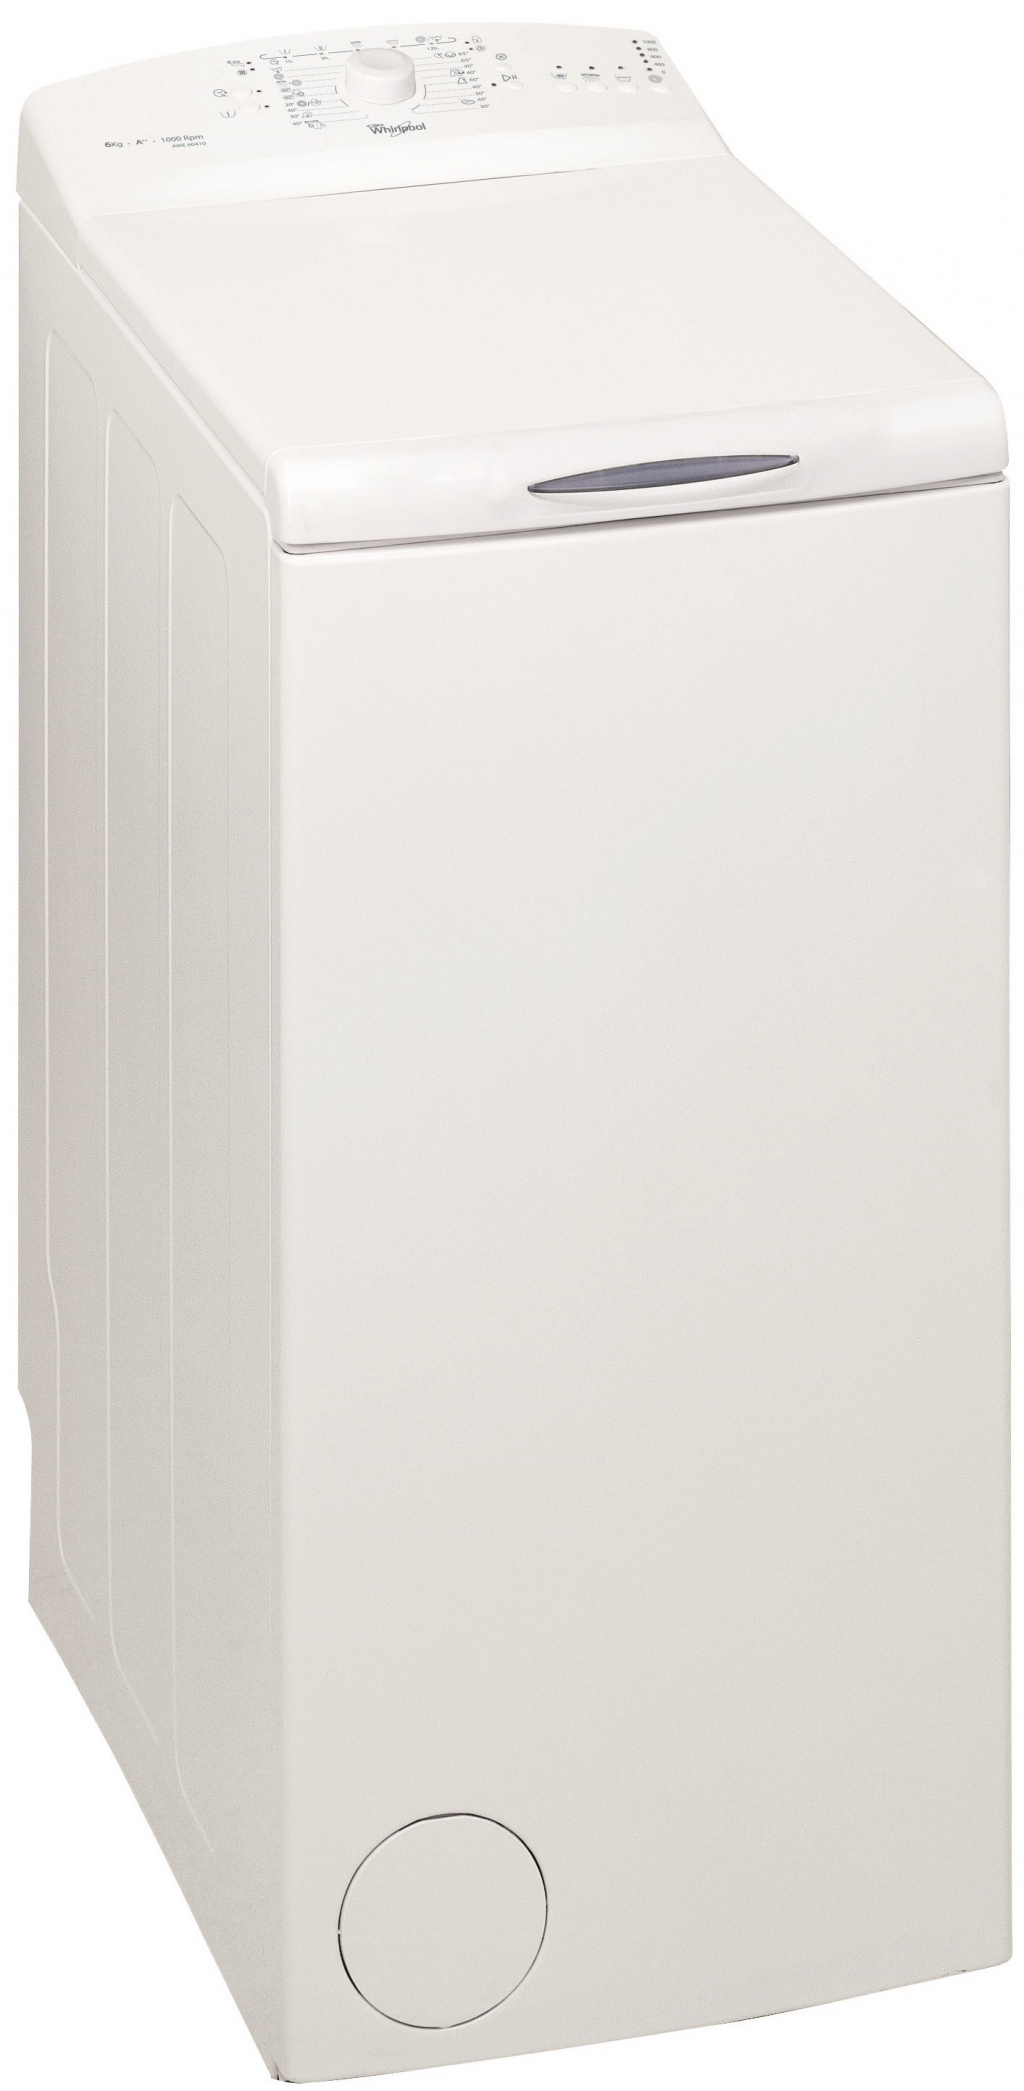 Перална машина с горно зареждане Whirlpool AWE-60410